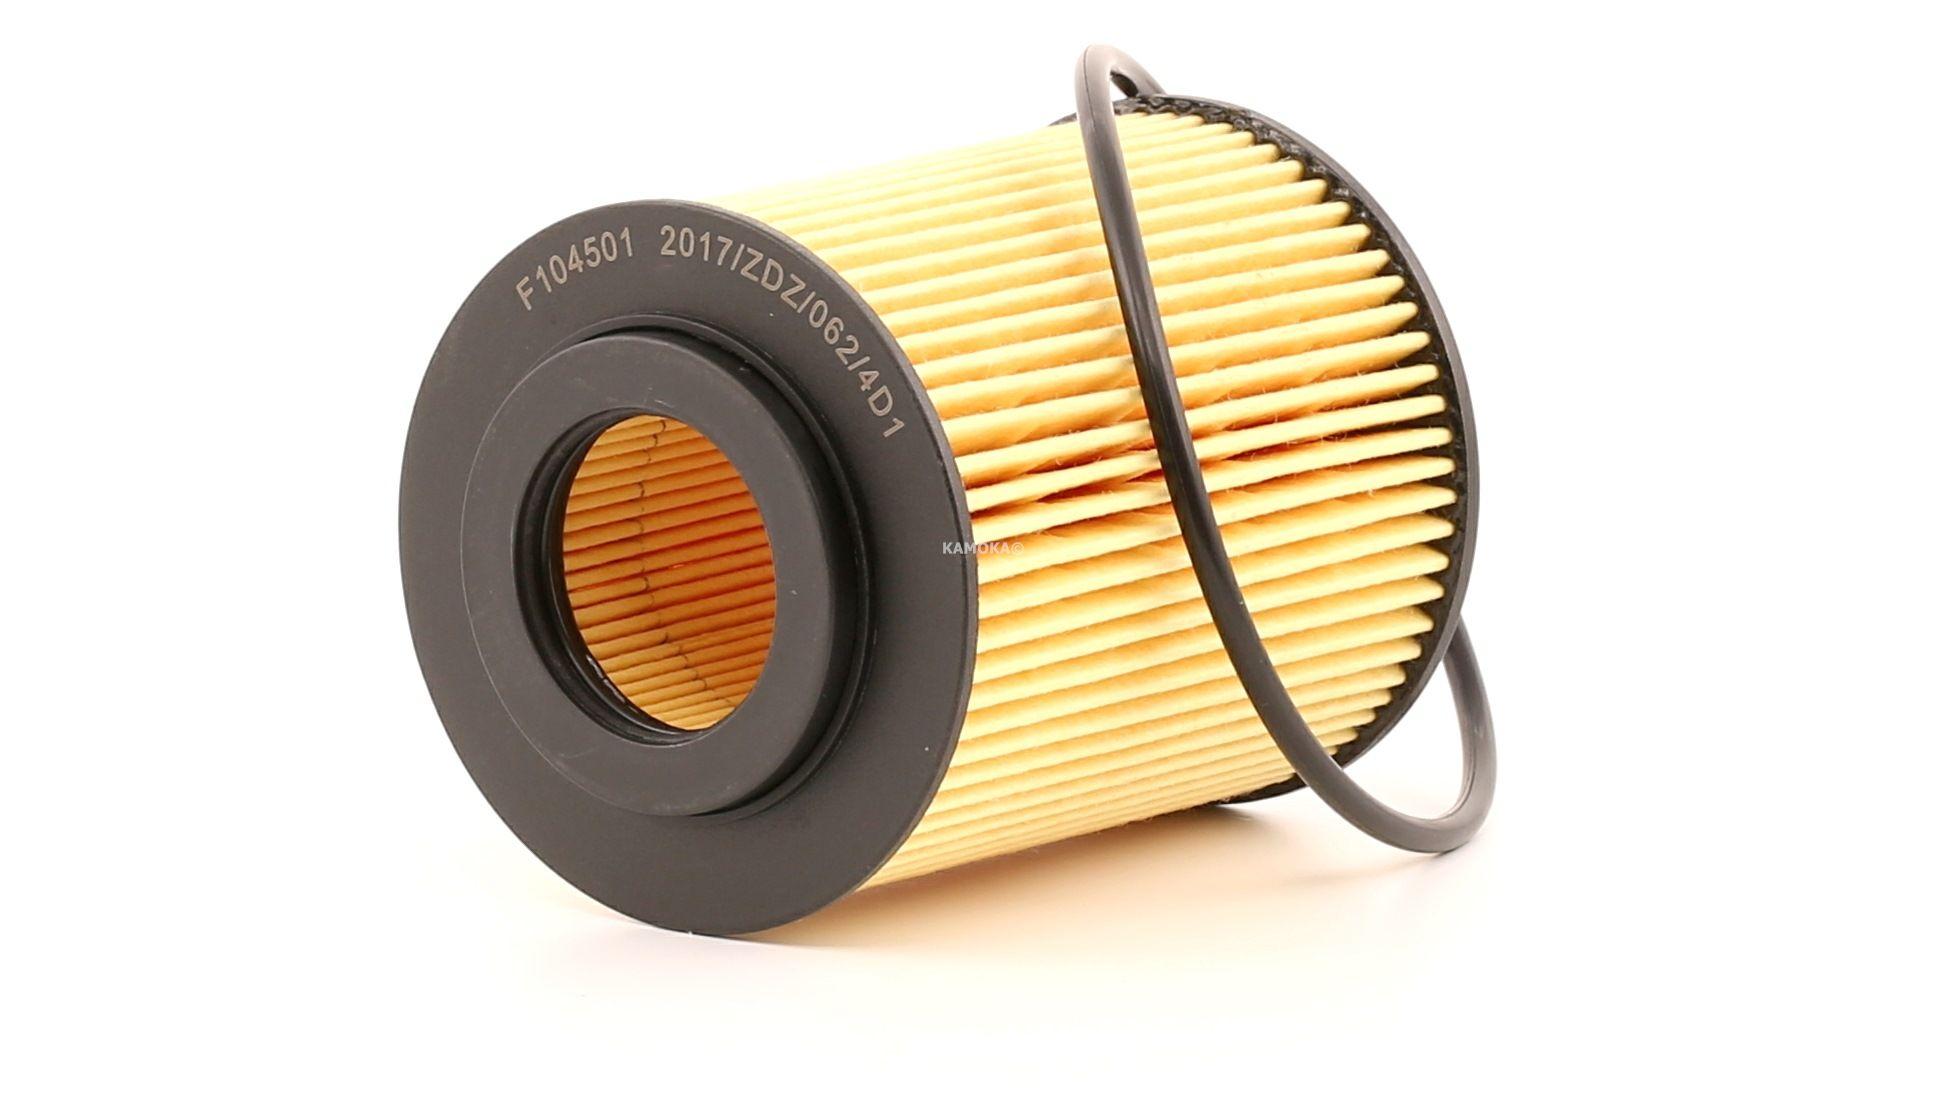 F104501 KAMOKA Filtereinsatz Innendurchmesser 2: 31mm, Innendurchmesser 2: 31mm, Ø: 72mm, Höhe: 93mm Ölfilter F104501 günstig kaufen